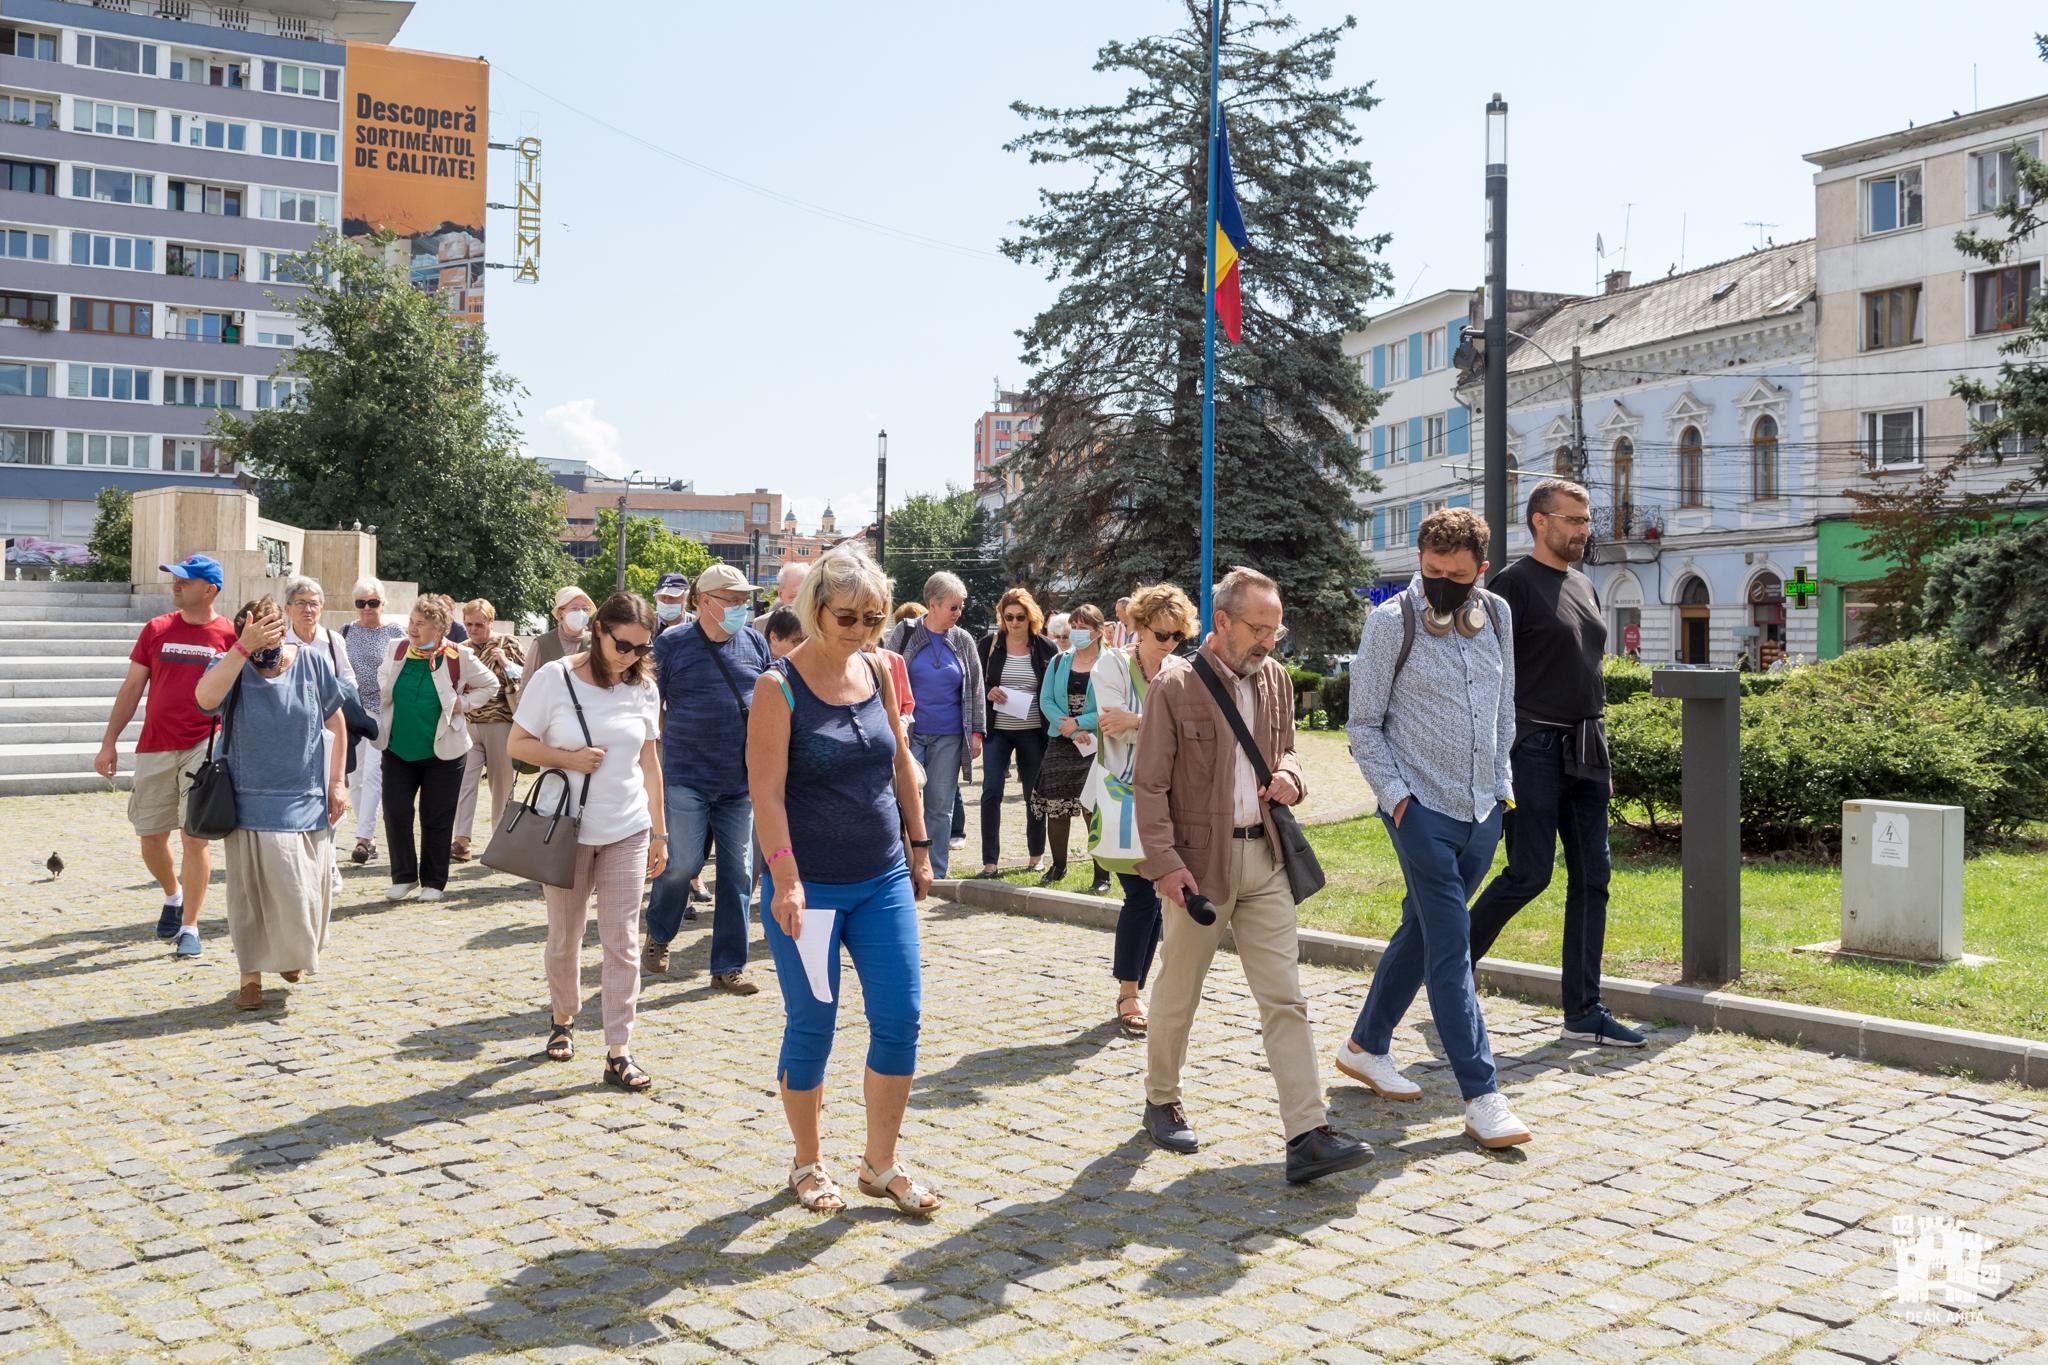 Plimbare în jurul clădirilor proiectate de Reményik Károly